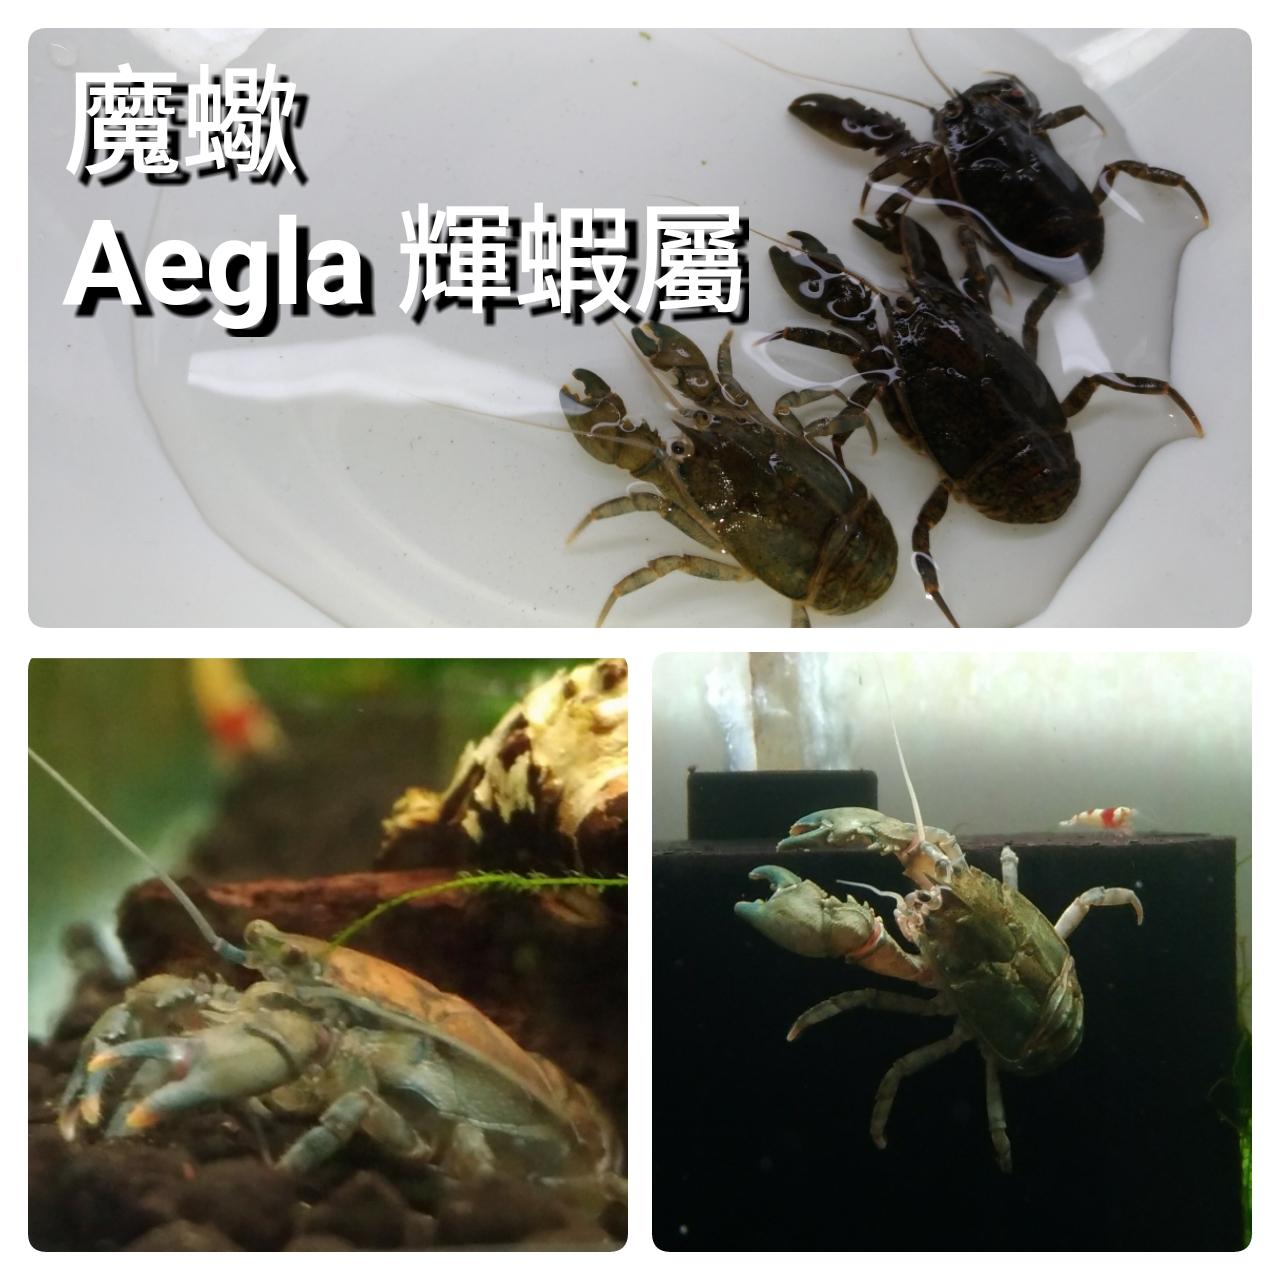 蝦兵魚匠: 螯蝦飼養心得分享